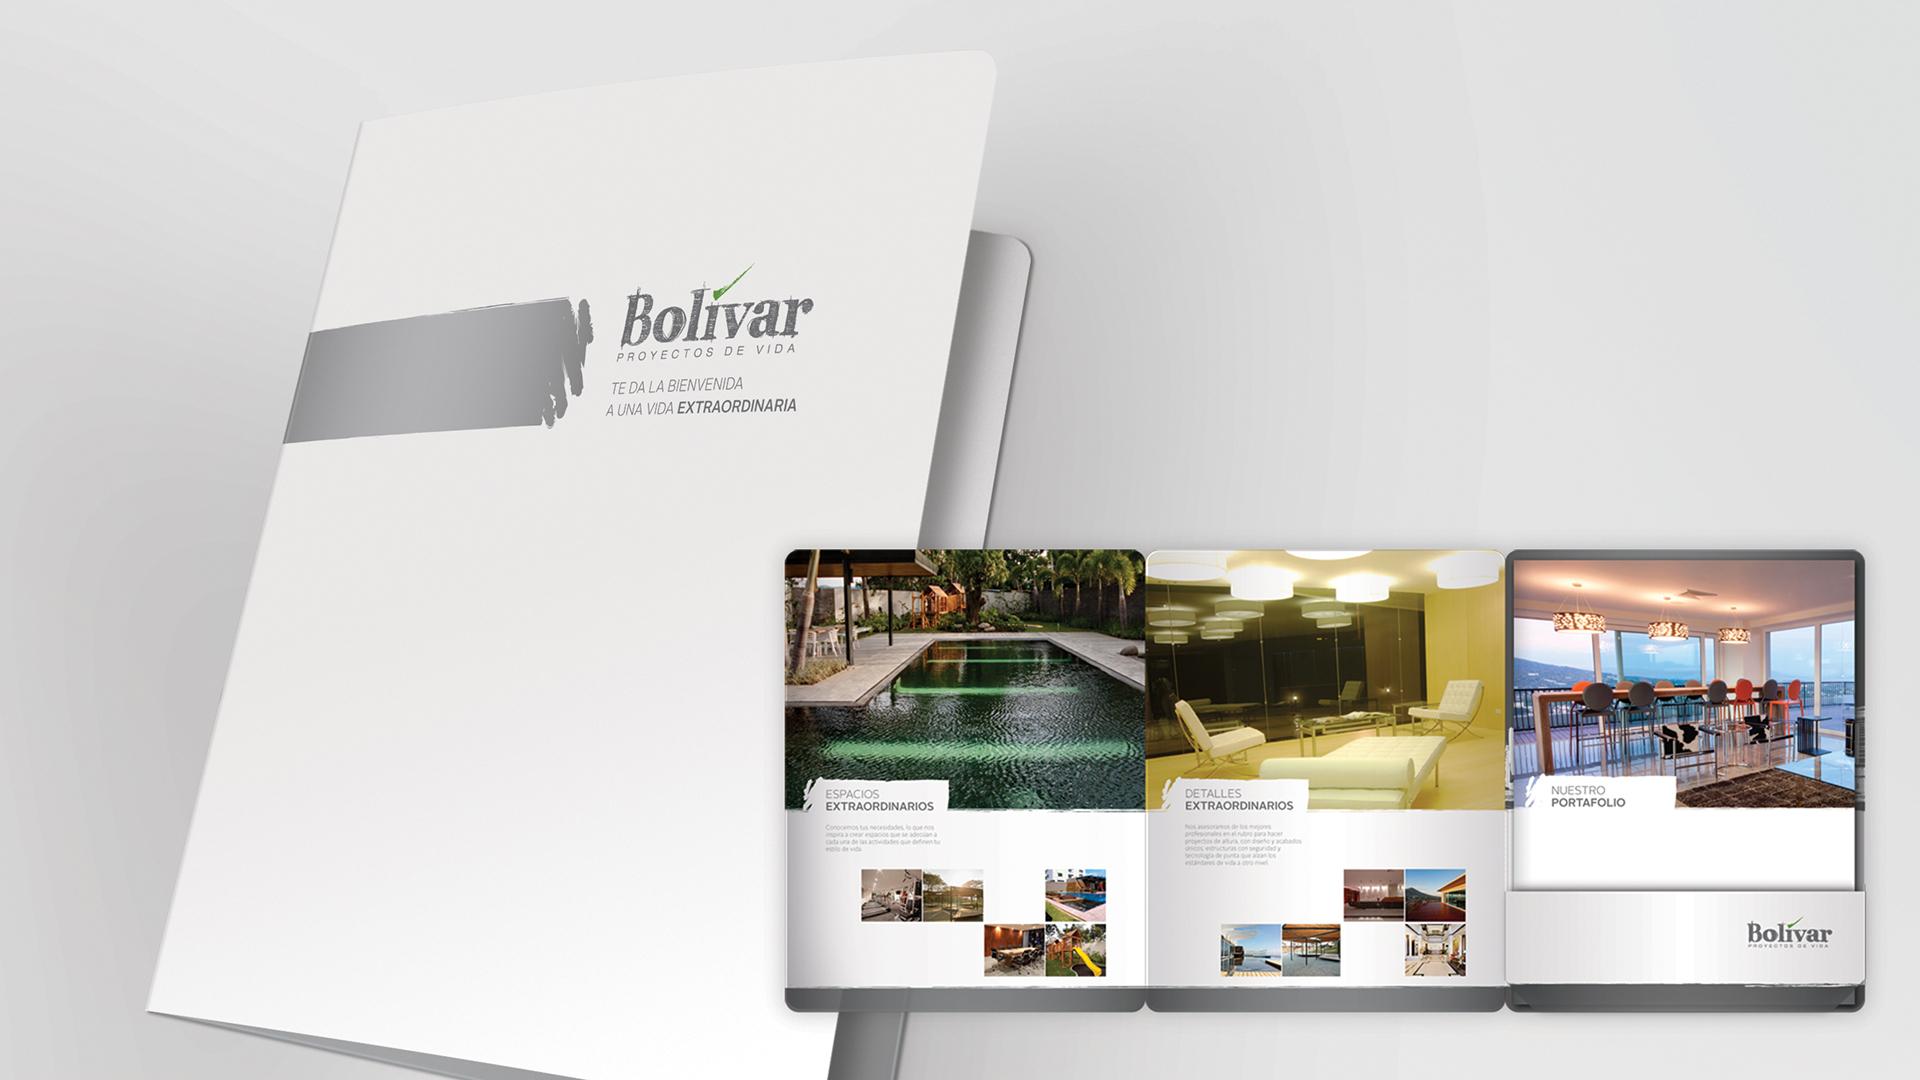 Bolivar_Montaje_4